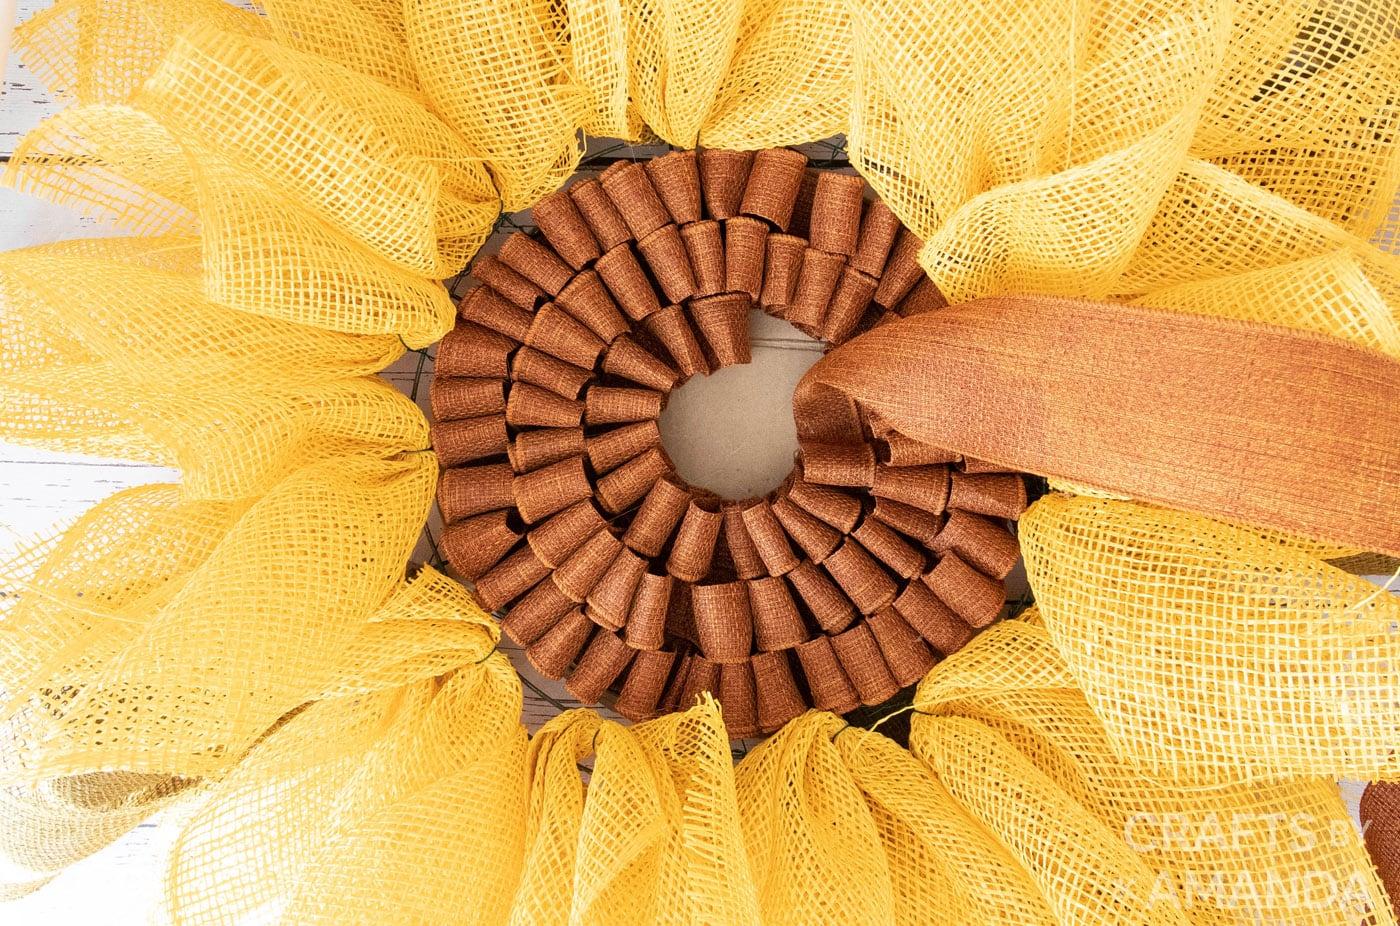 cinched bruine jute in het midden van een zonnebloemkrans